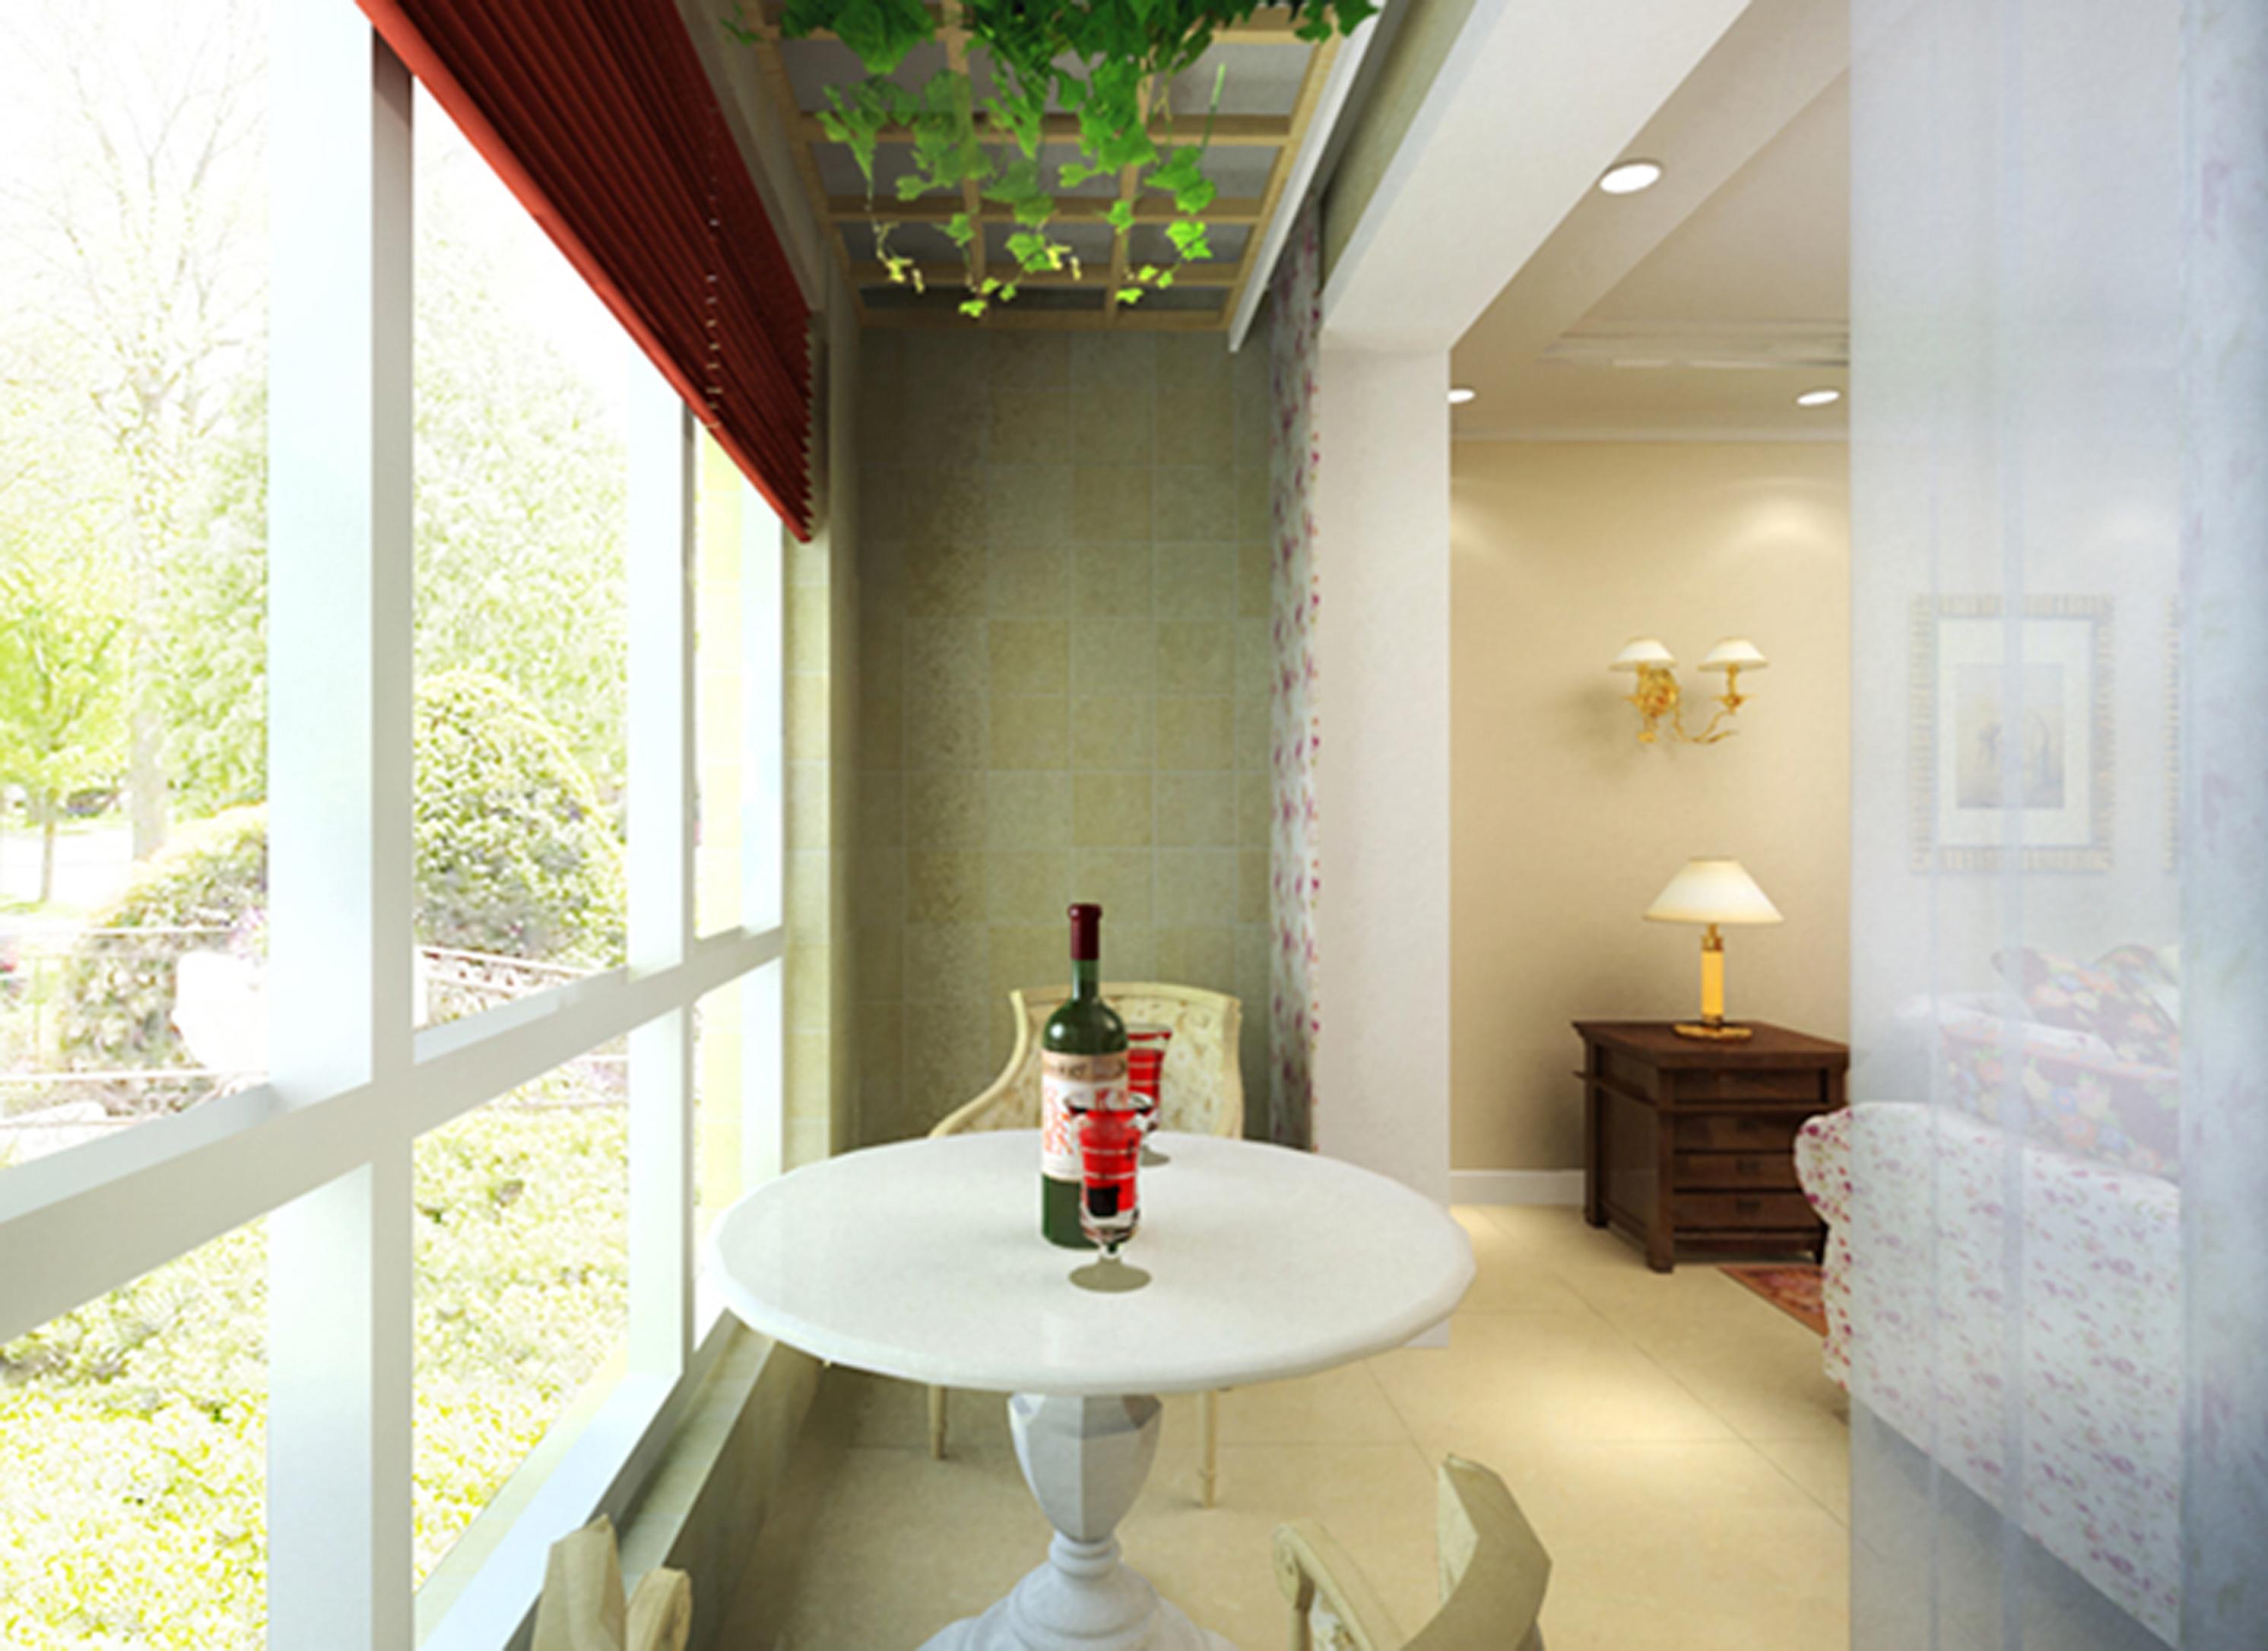 三居 浪漫简欧 中西合璧 餐厅 实创 其他图片来自广州-实创装饰在馨浪漫的简欧风格的分享